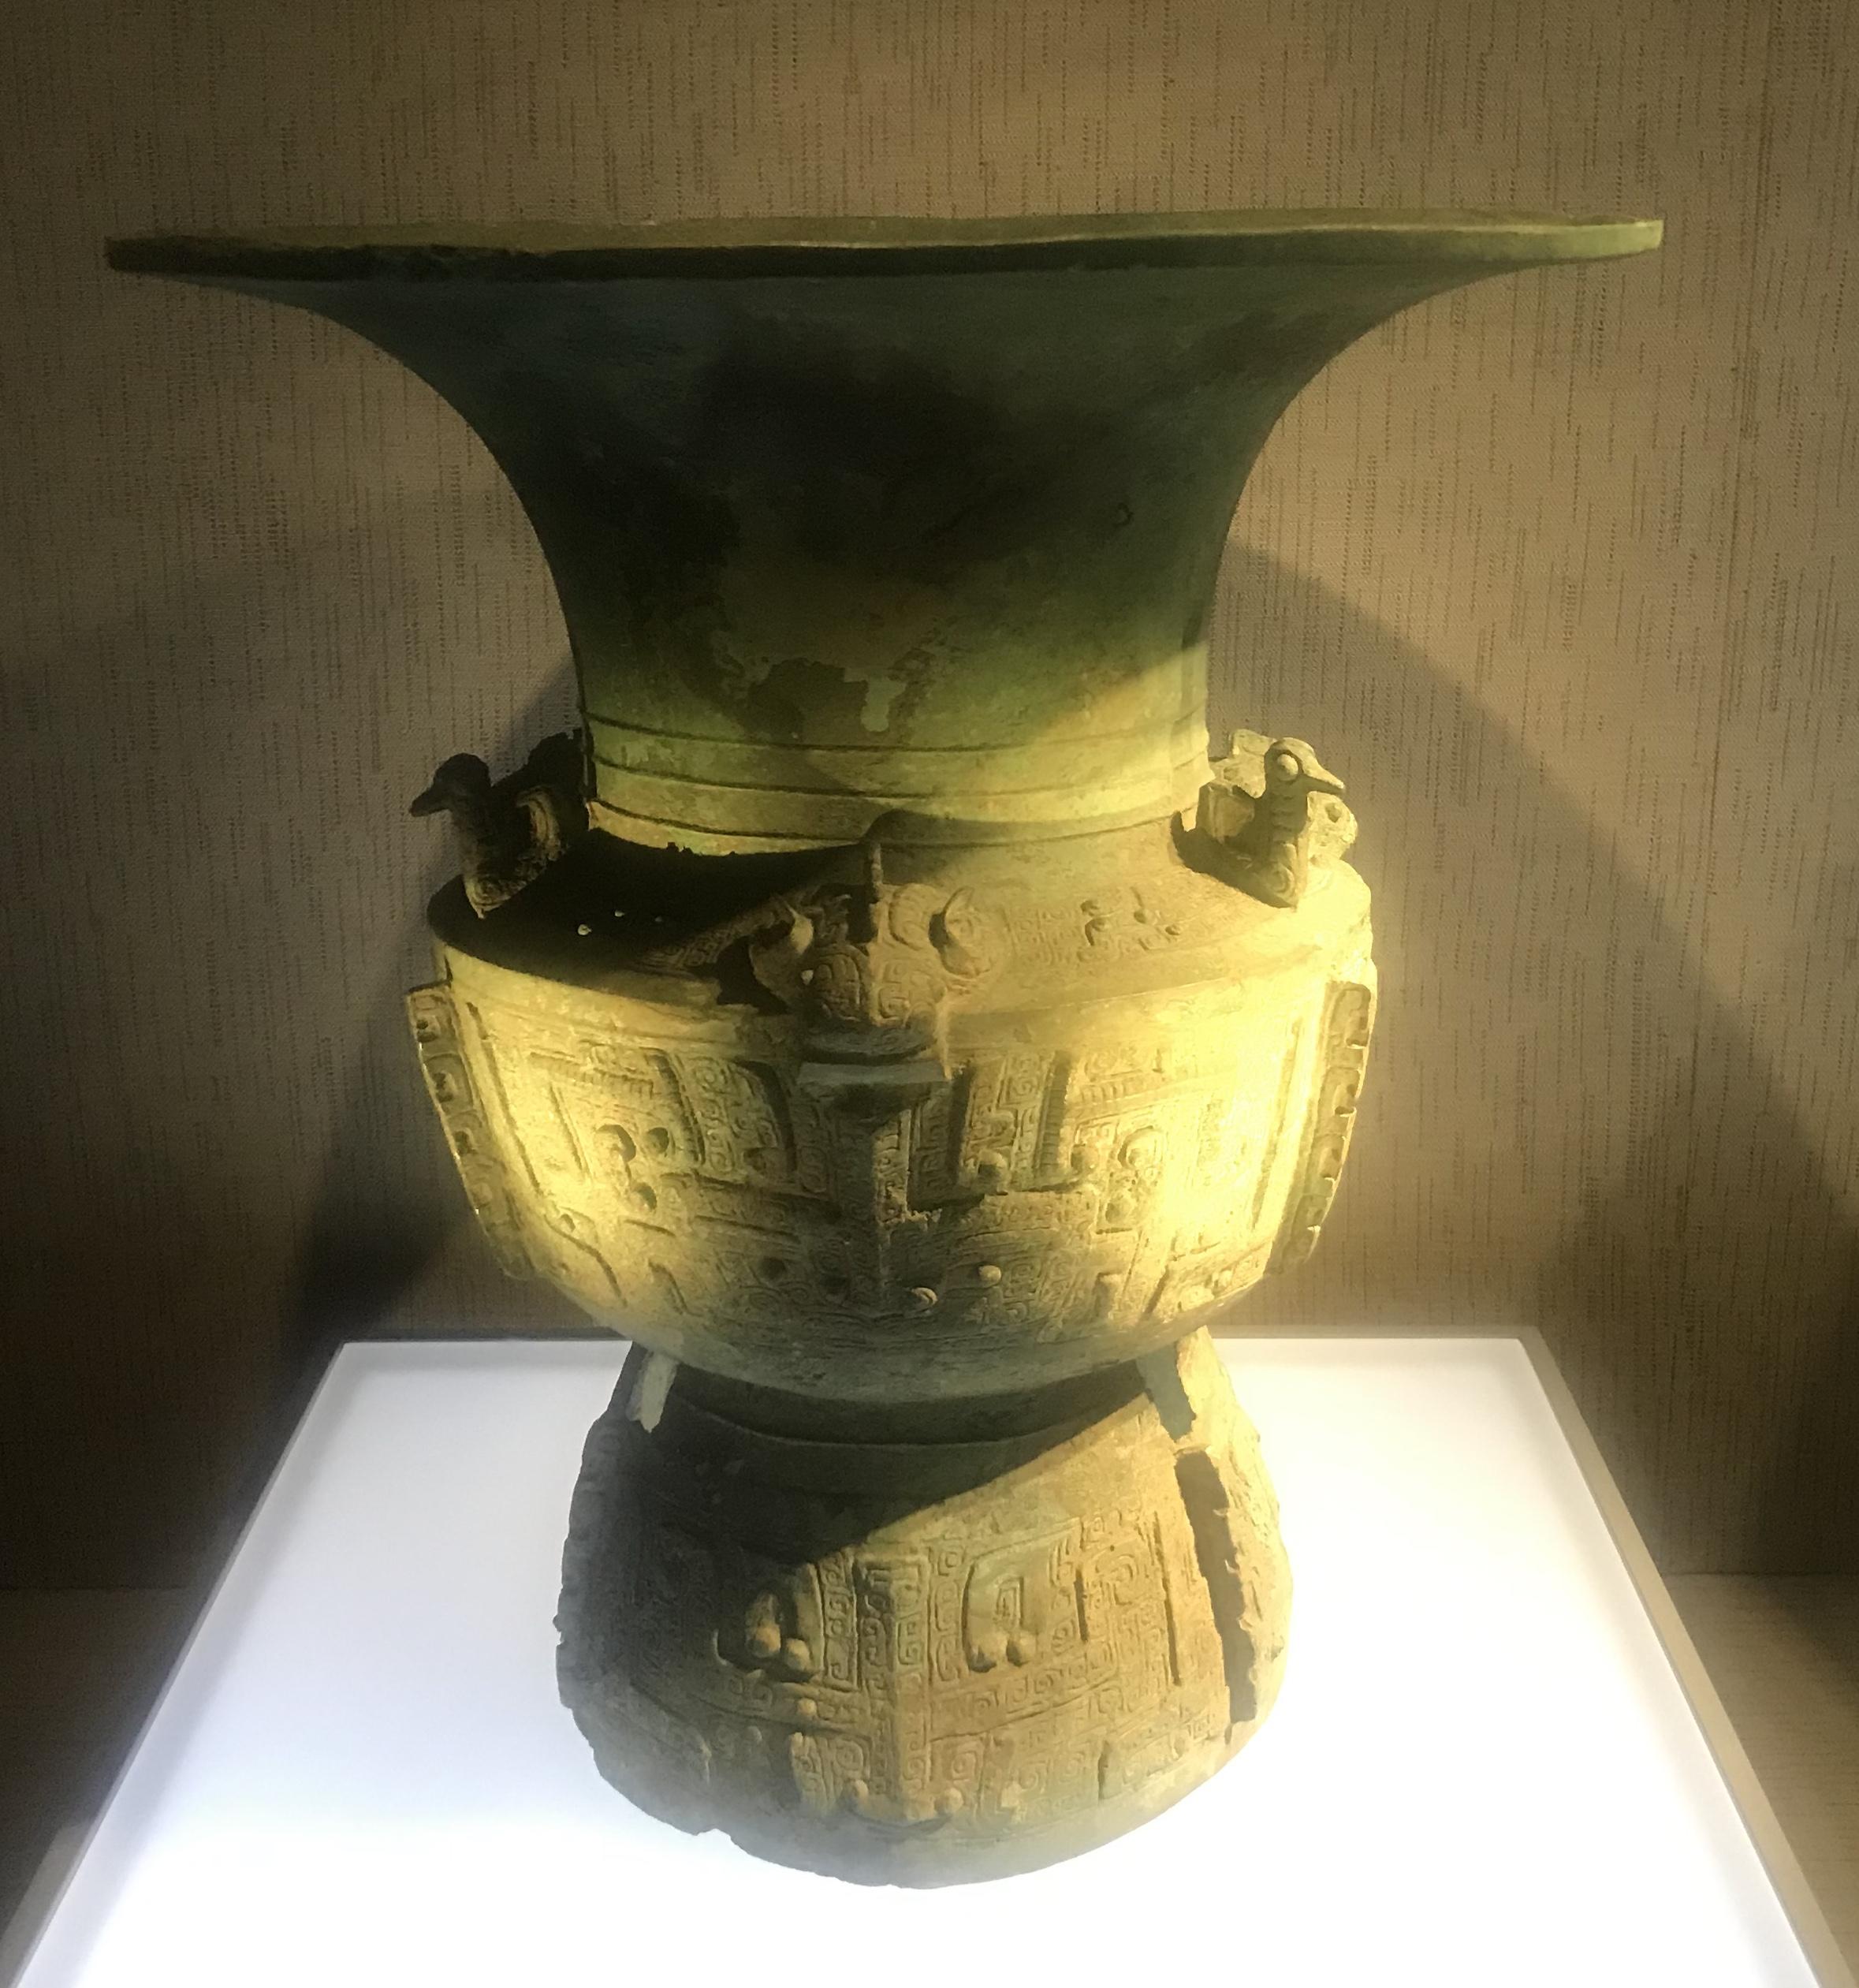 青銅尊2-青銅器館-三星堆博物館-広漢市-徳陽市-四川省